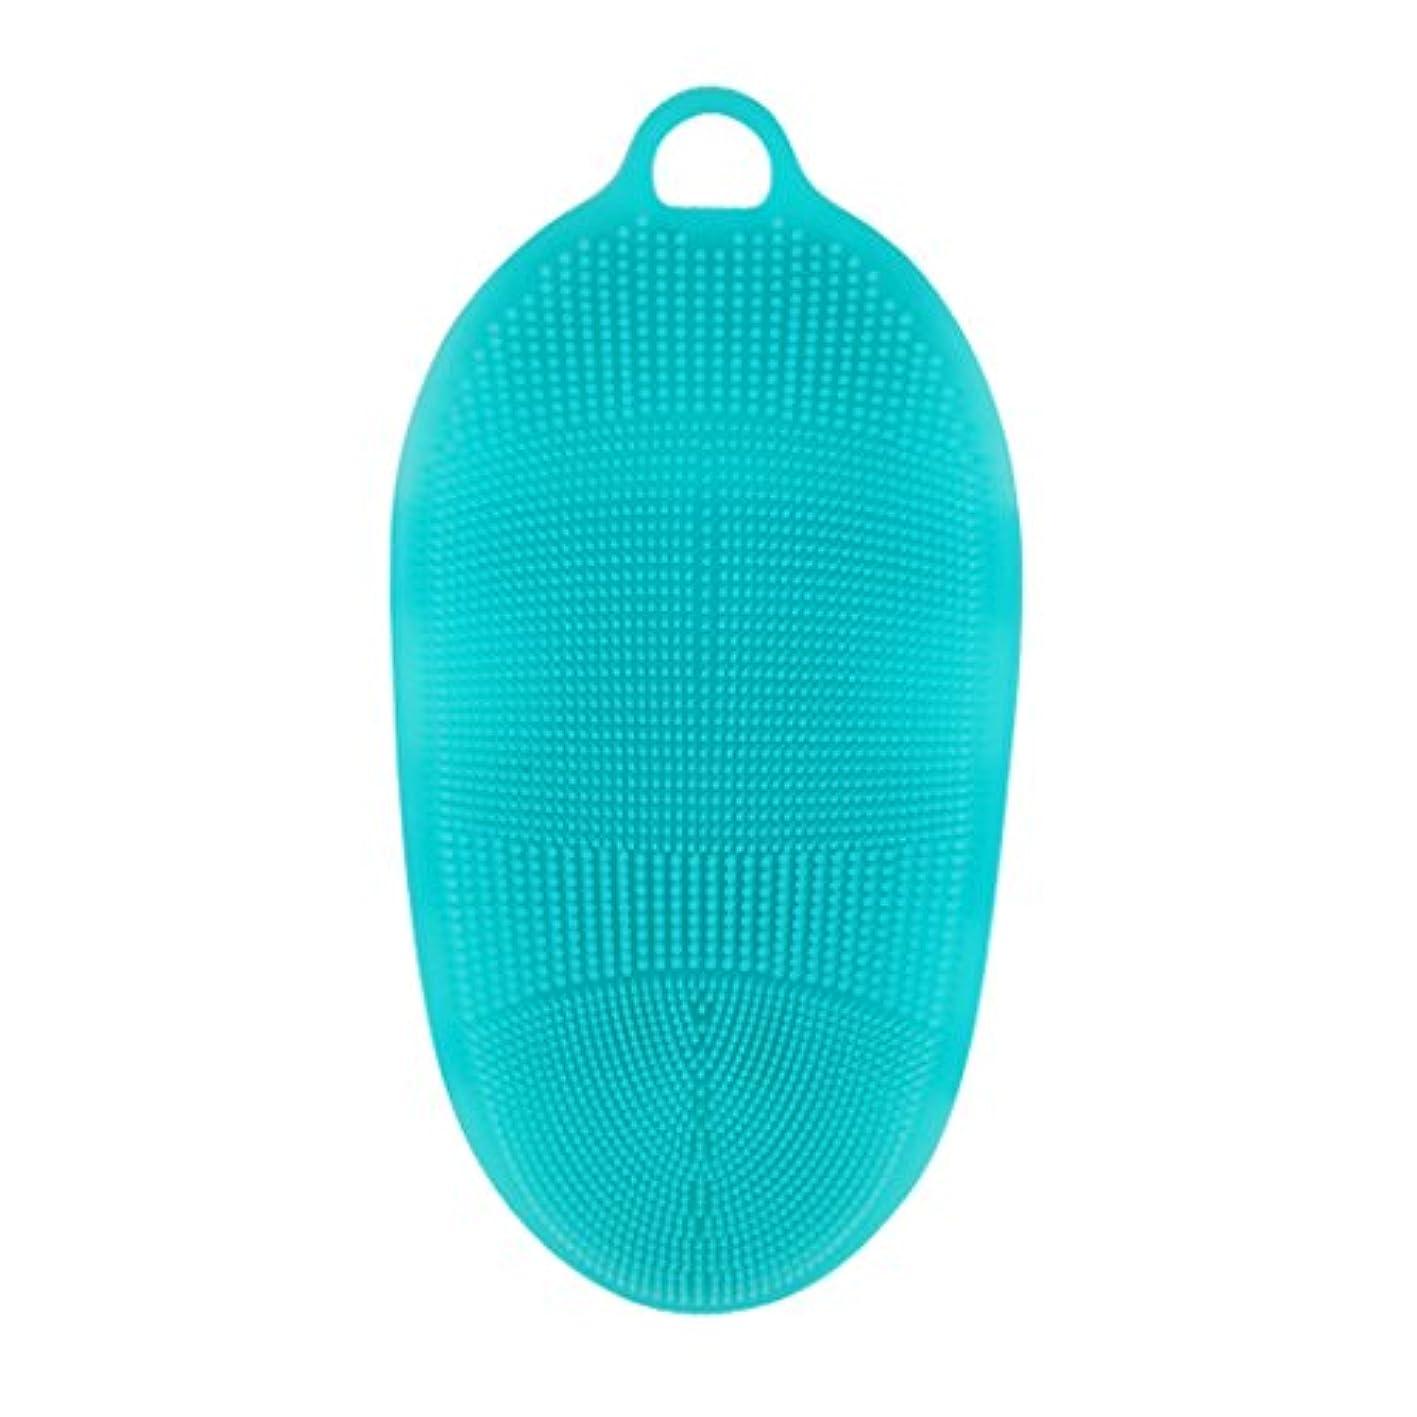 マティスダメージ届けるKapmore シリコンブラシ ウォッシュ ボディブラシ 多機能 マッサージ シャワー 肌にやさしい 垢擦り 体洗い 風呂 フットケア 4色選択可能 衛生 角質取り 毛穴清潔 泡立ち (ブルー)